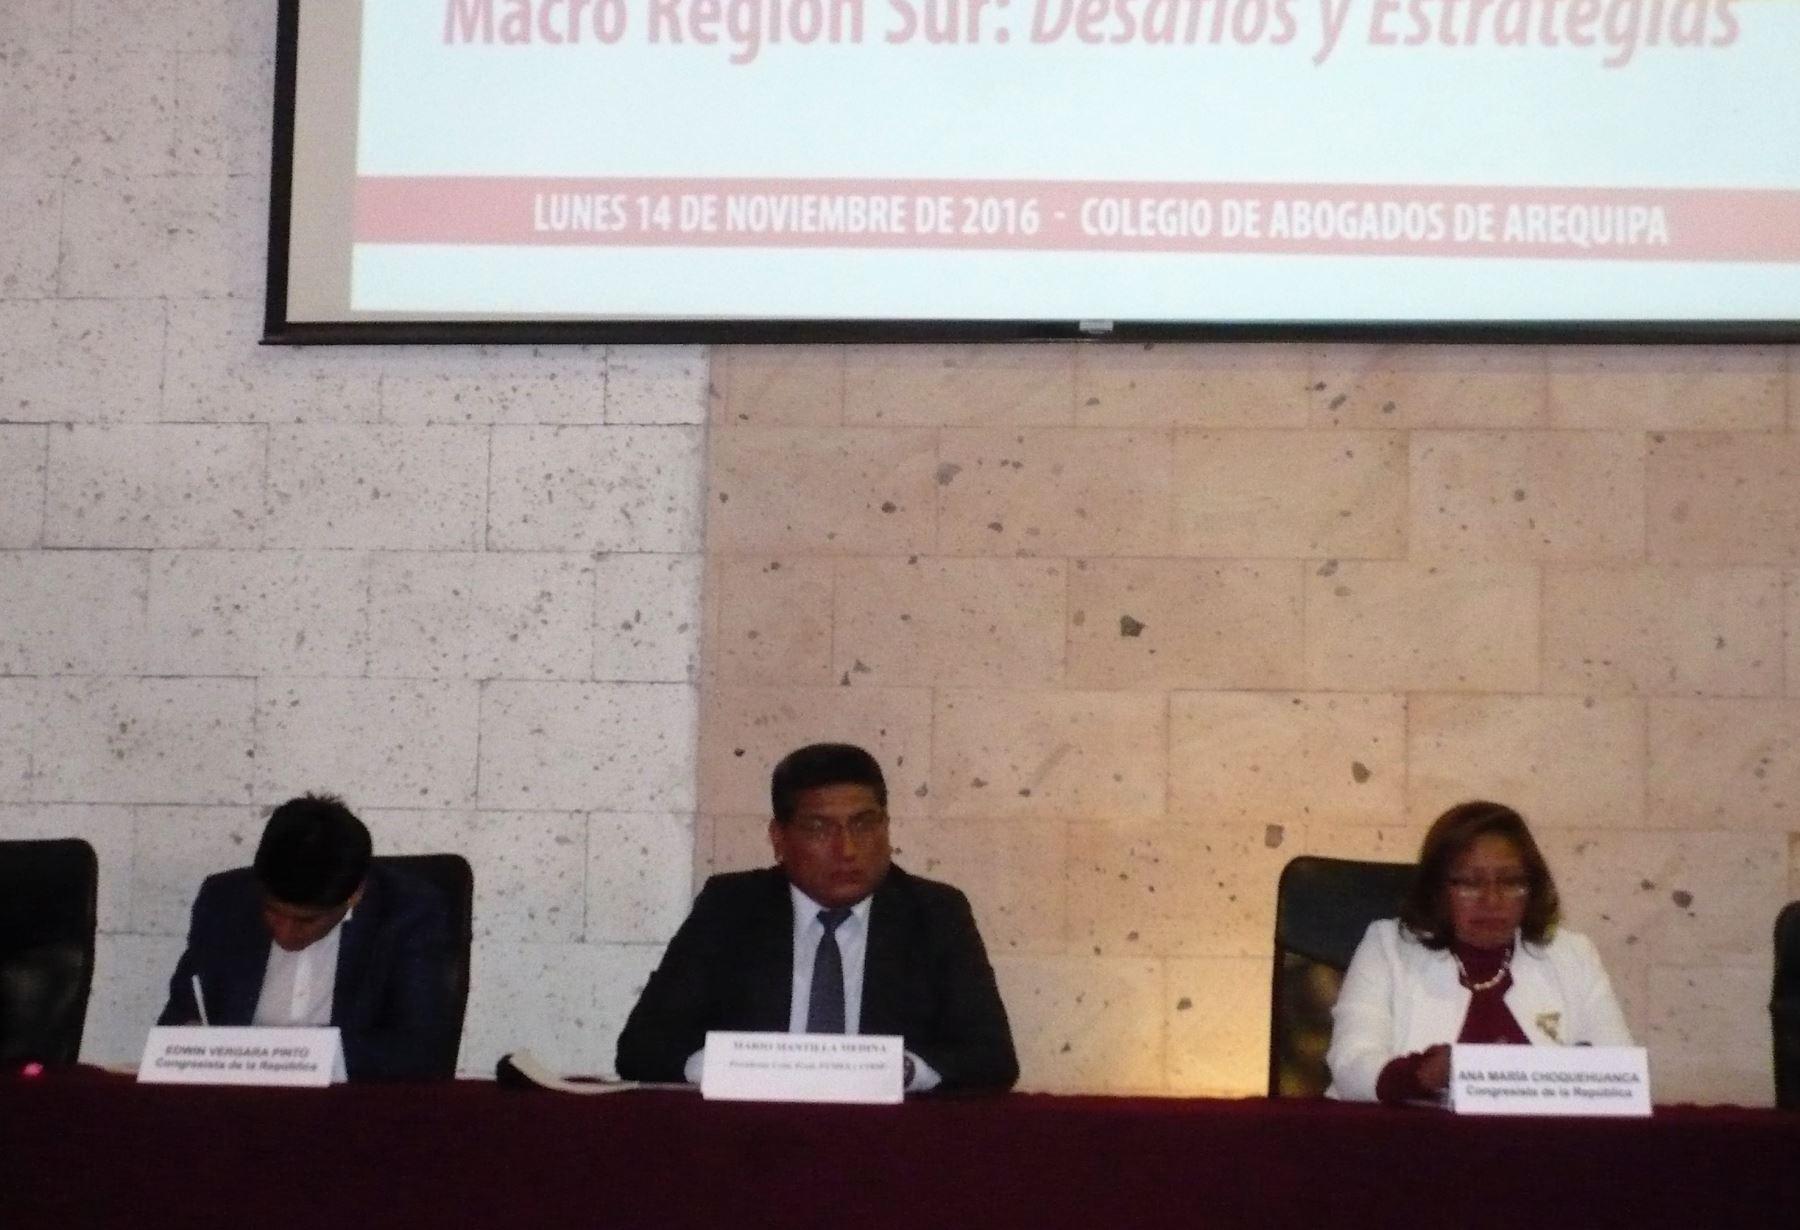 Miembros de la Comisión de Producción del Congreso de la República participaron de audiencia pública descentralizada en la ciudad de Arequipa. ANDINA